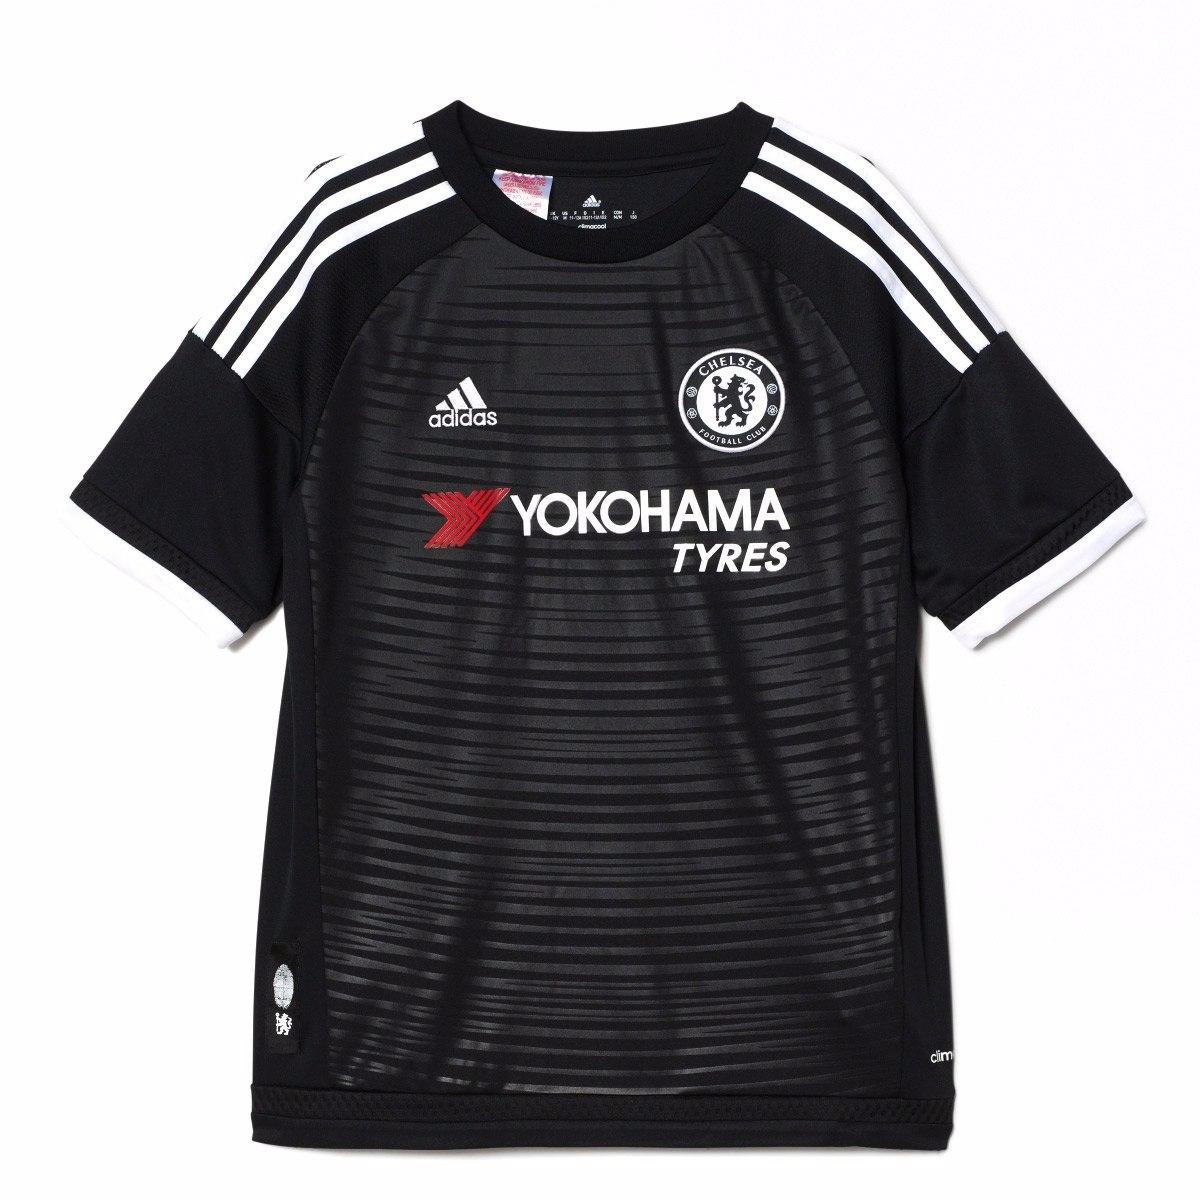 b3ab1f4e4019e camisa infantil chelsea adidas preta 2016 original. Carregando zoom.